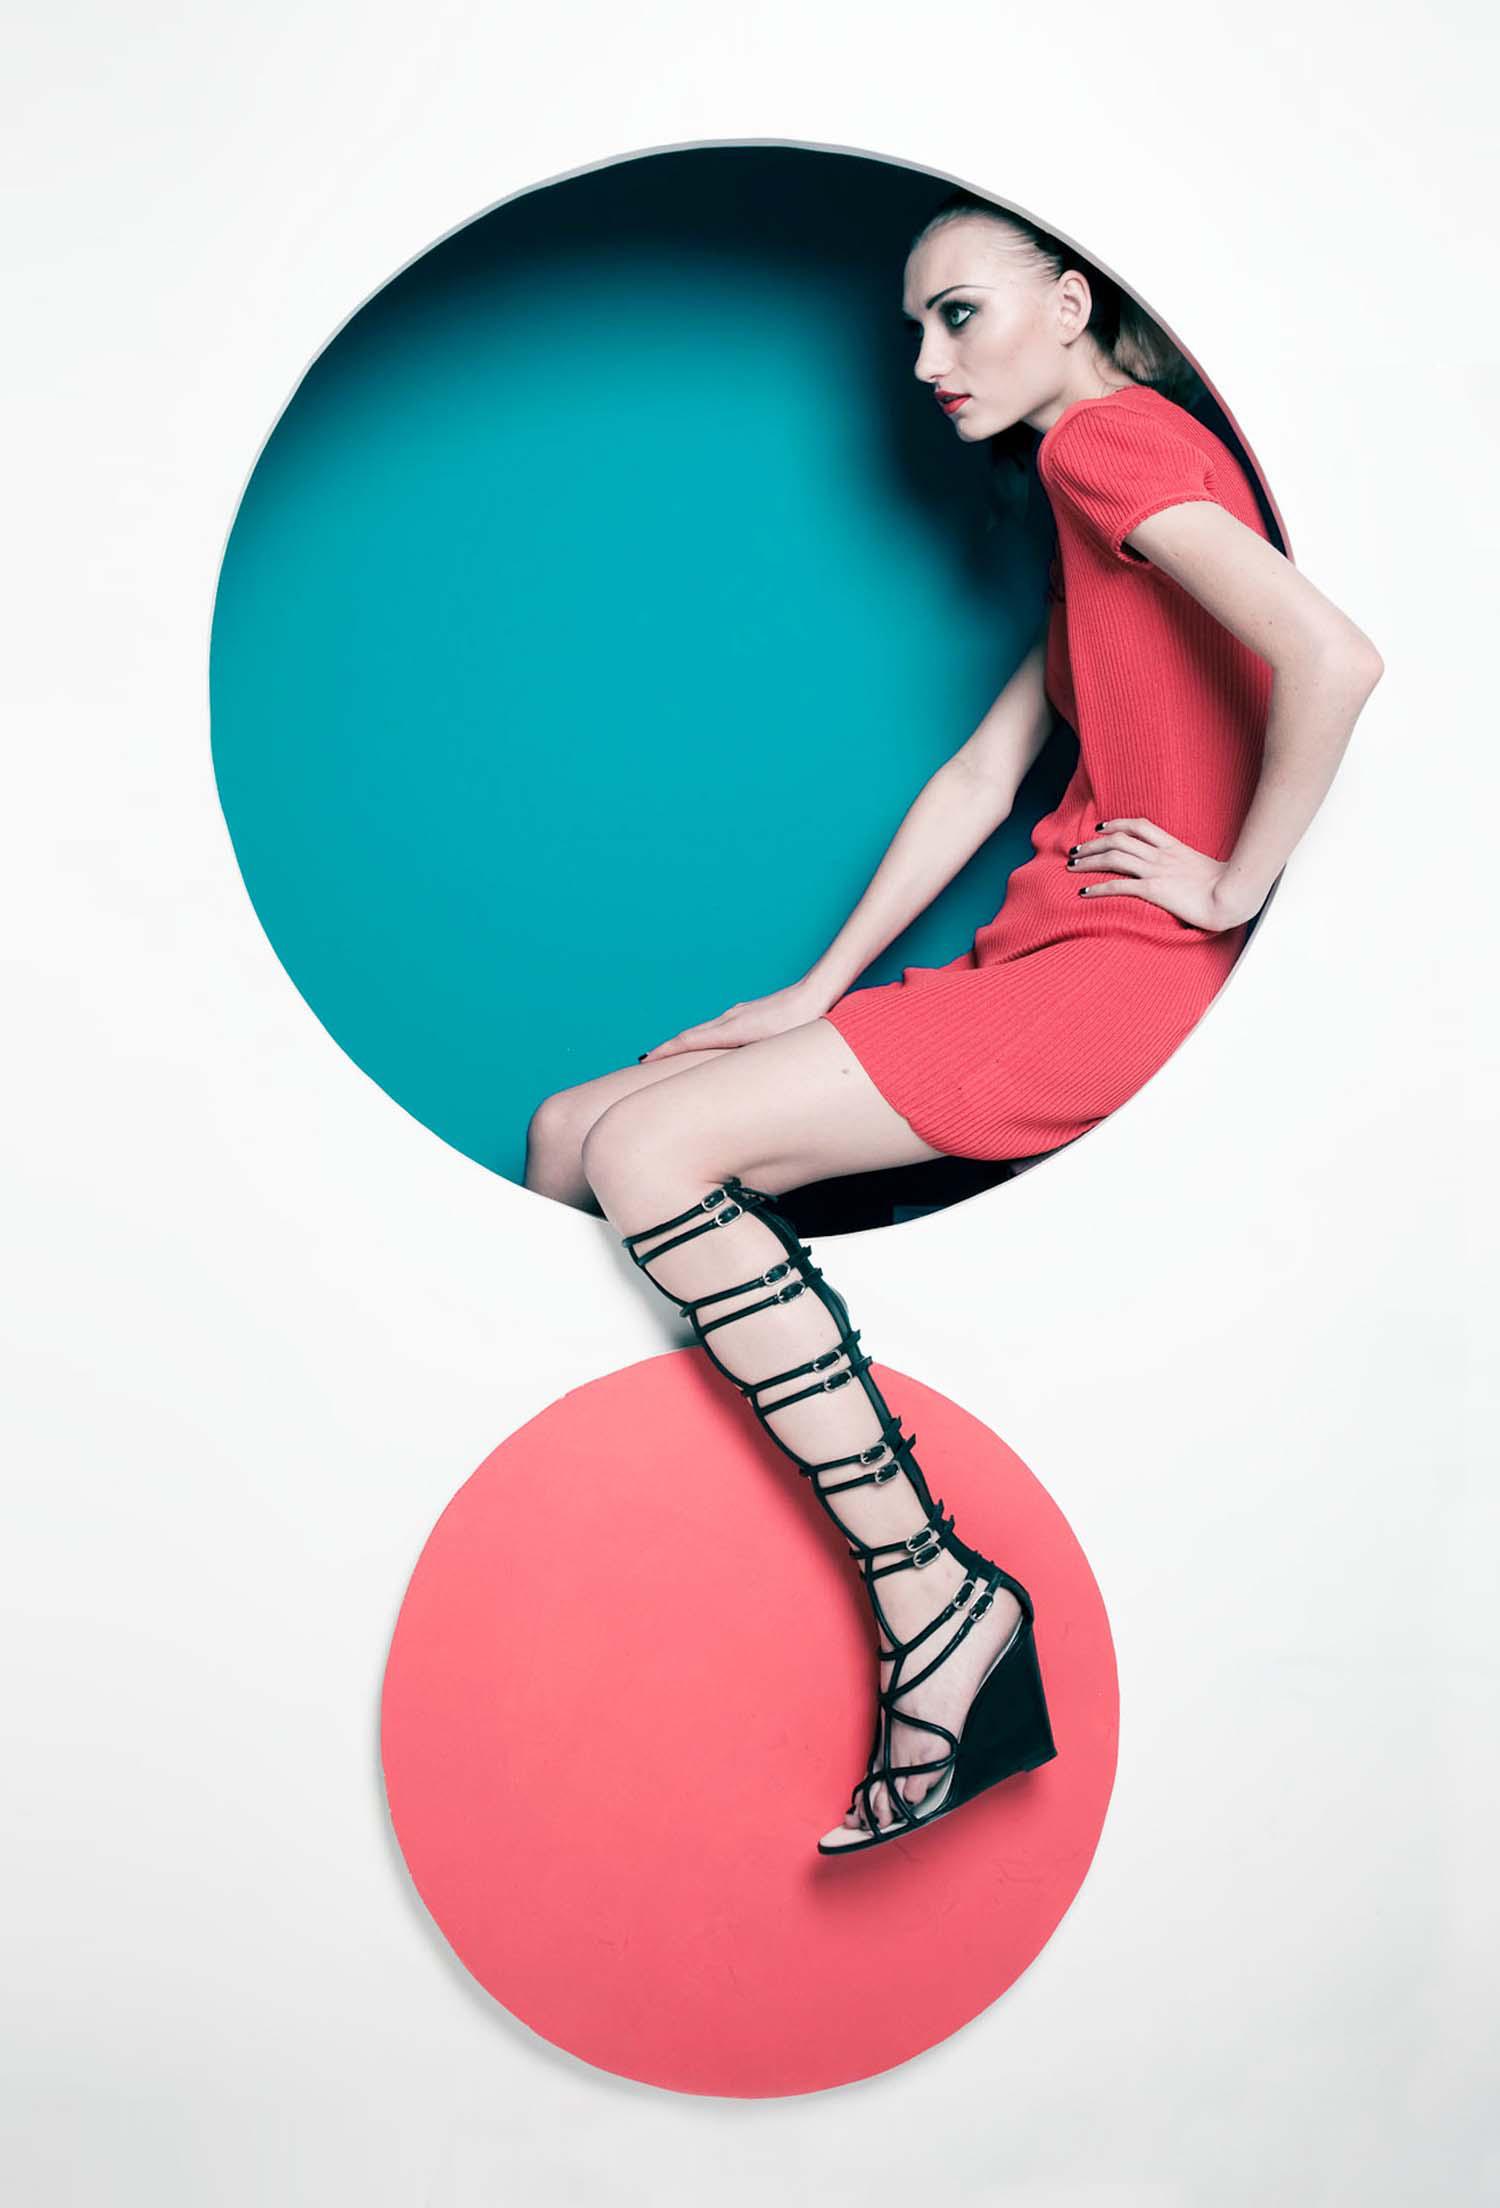 Chanel+StudiochanelinviteMAR_CHANEL_TS_GLADIATOR_0411.jpg